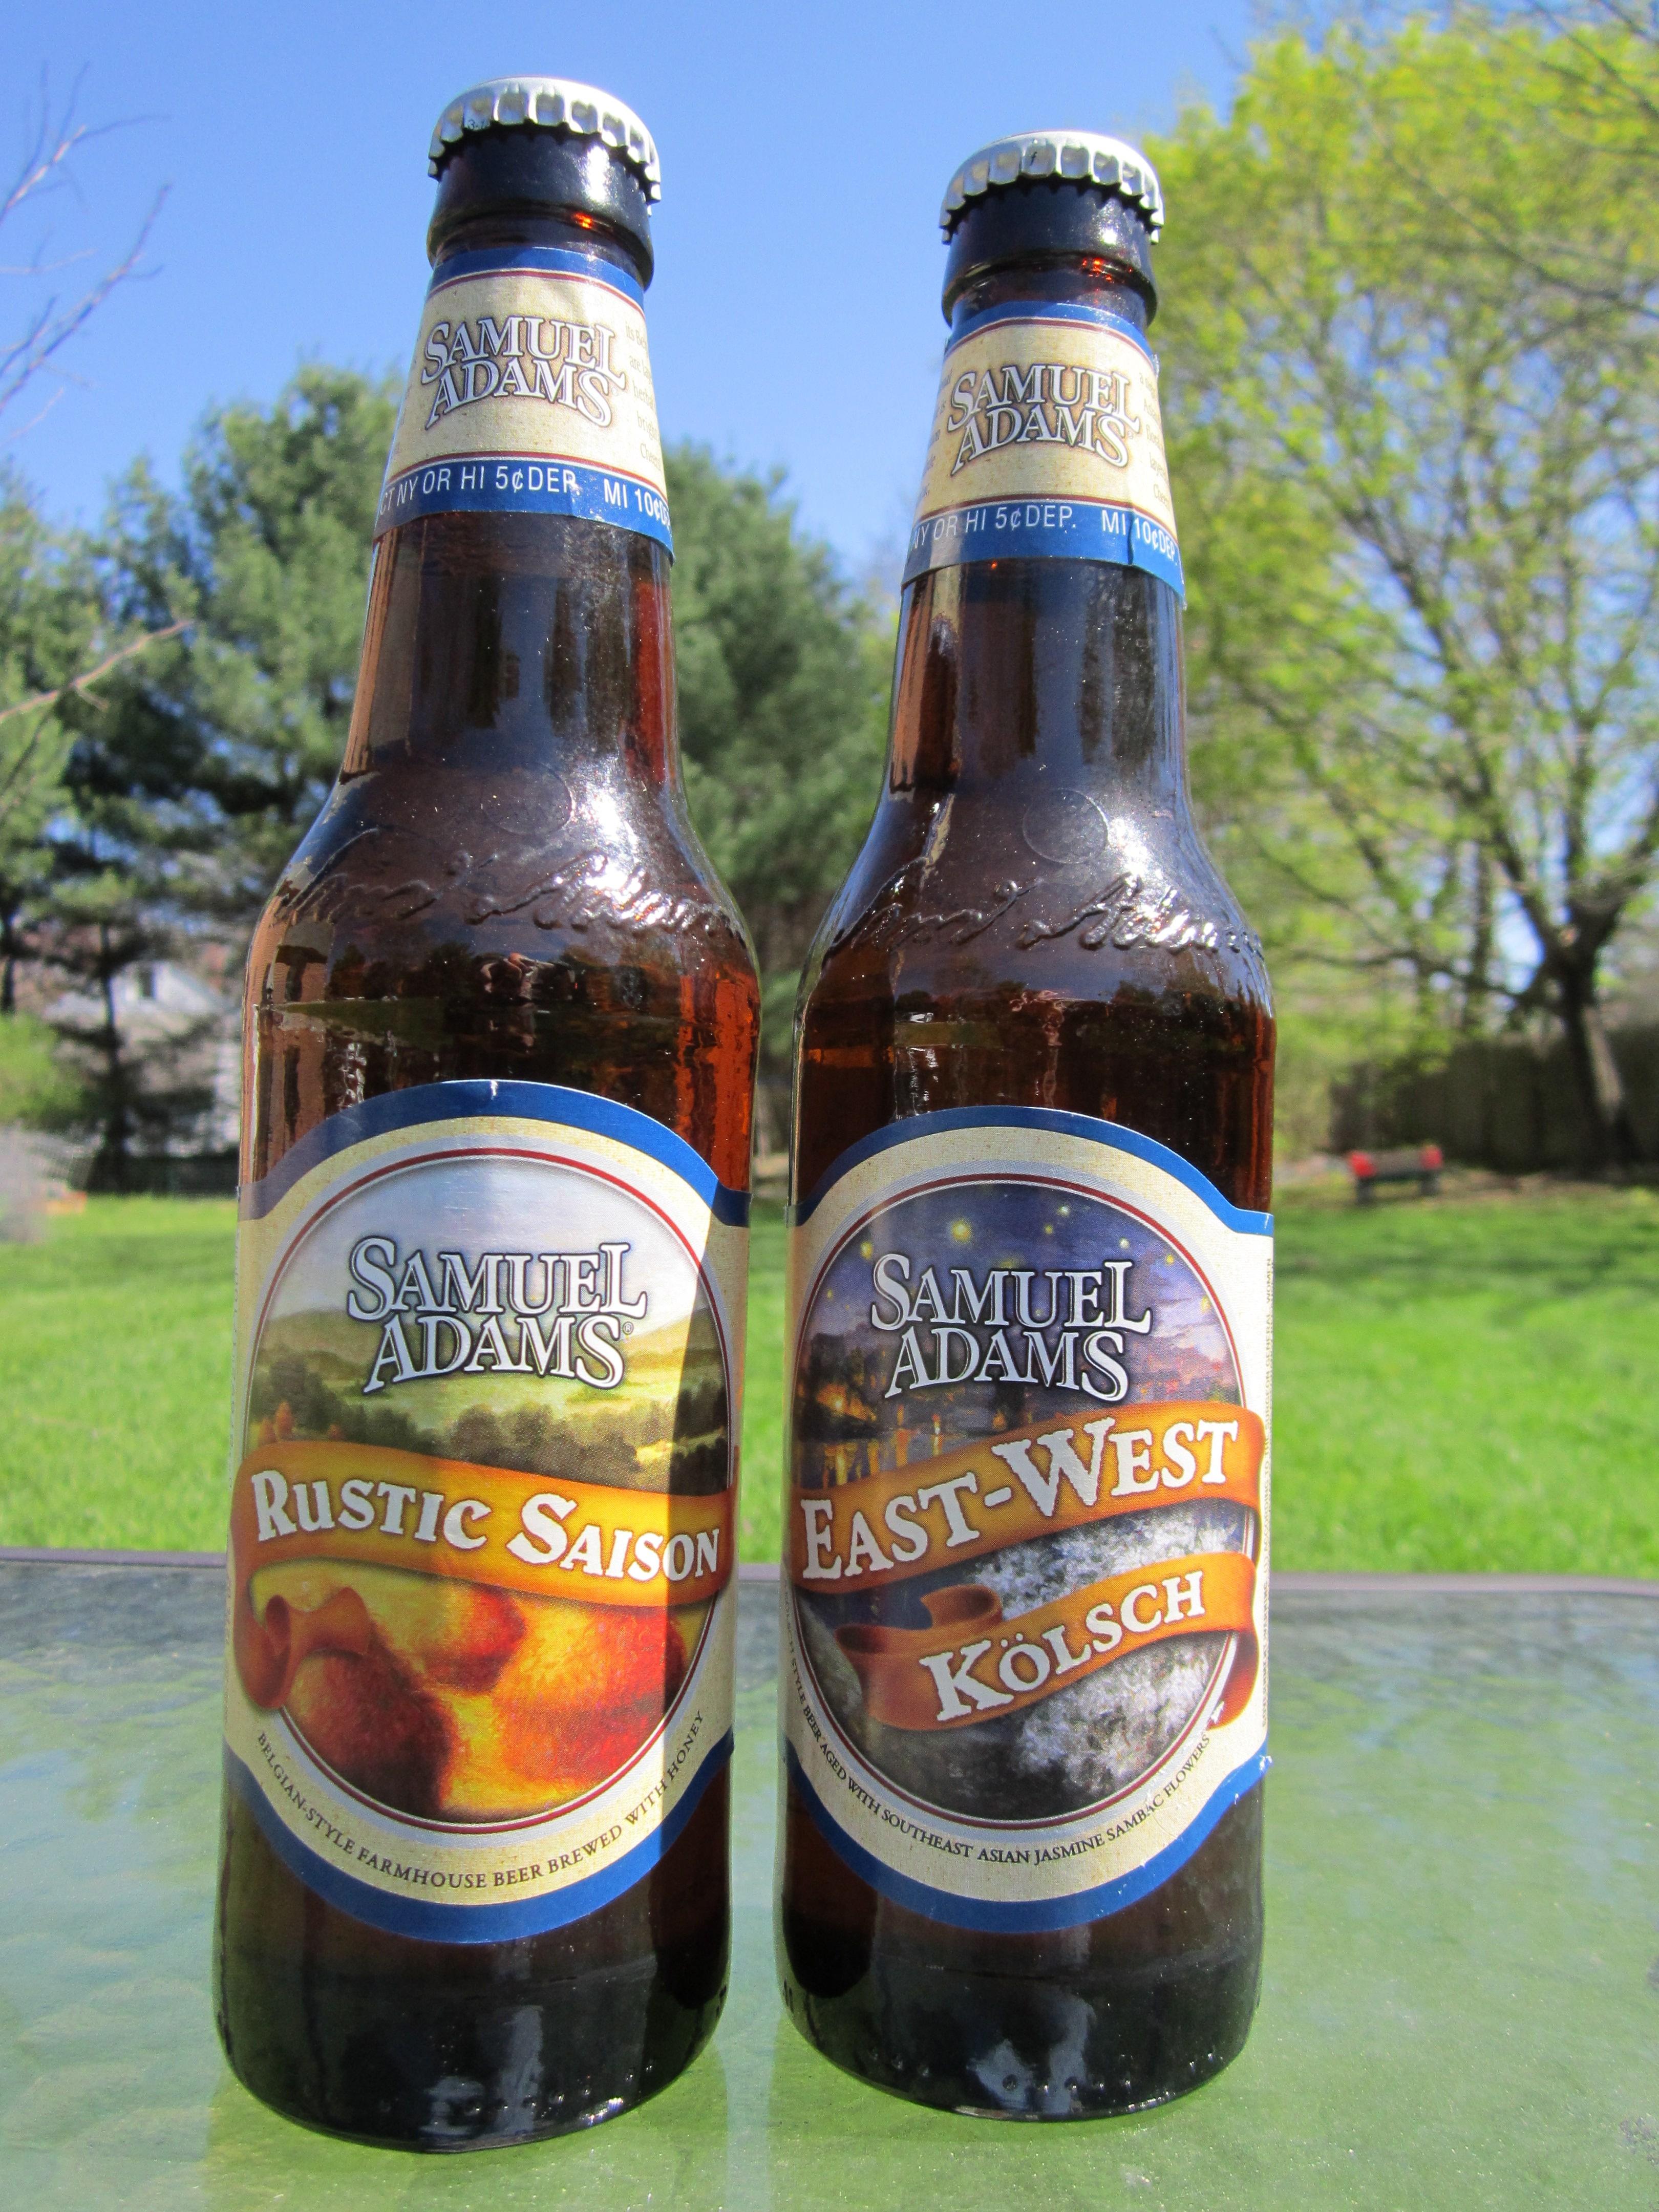 Summer Of Sam 99 Bottles Inside The World Craft Beer Boston